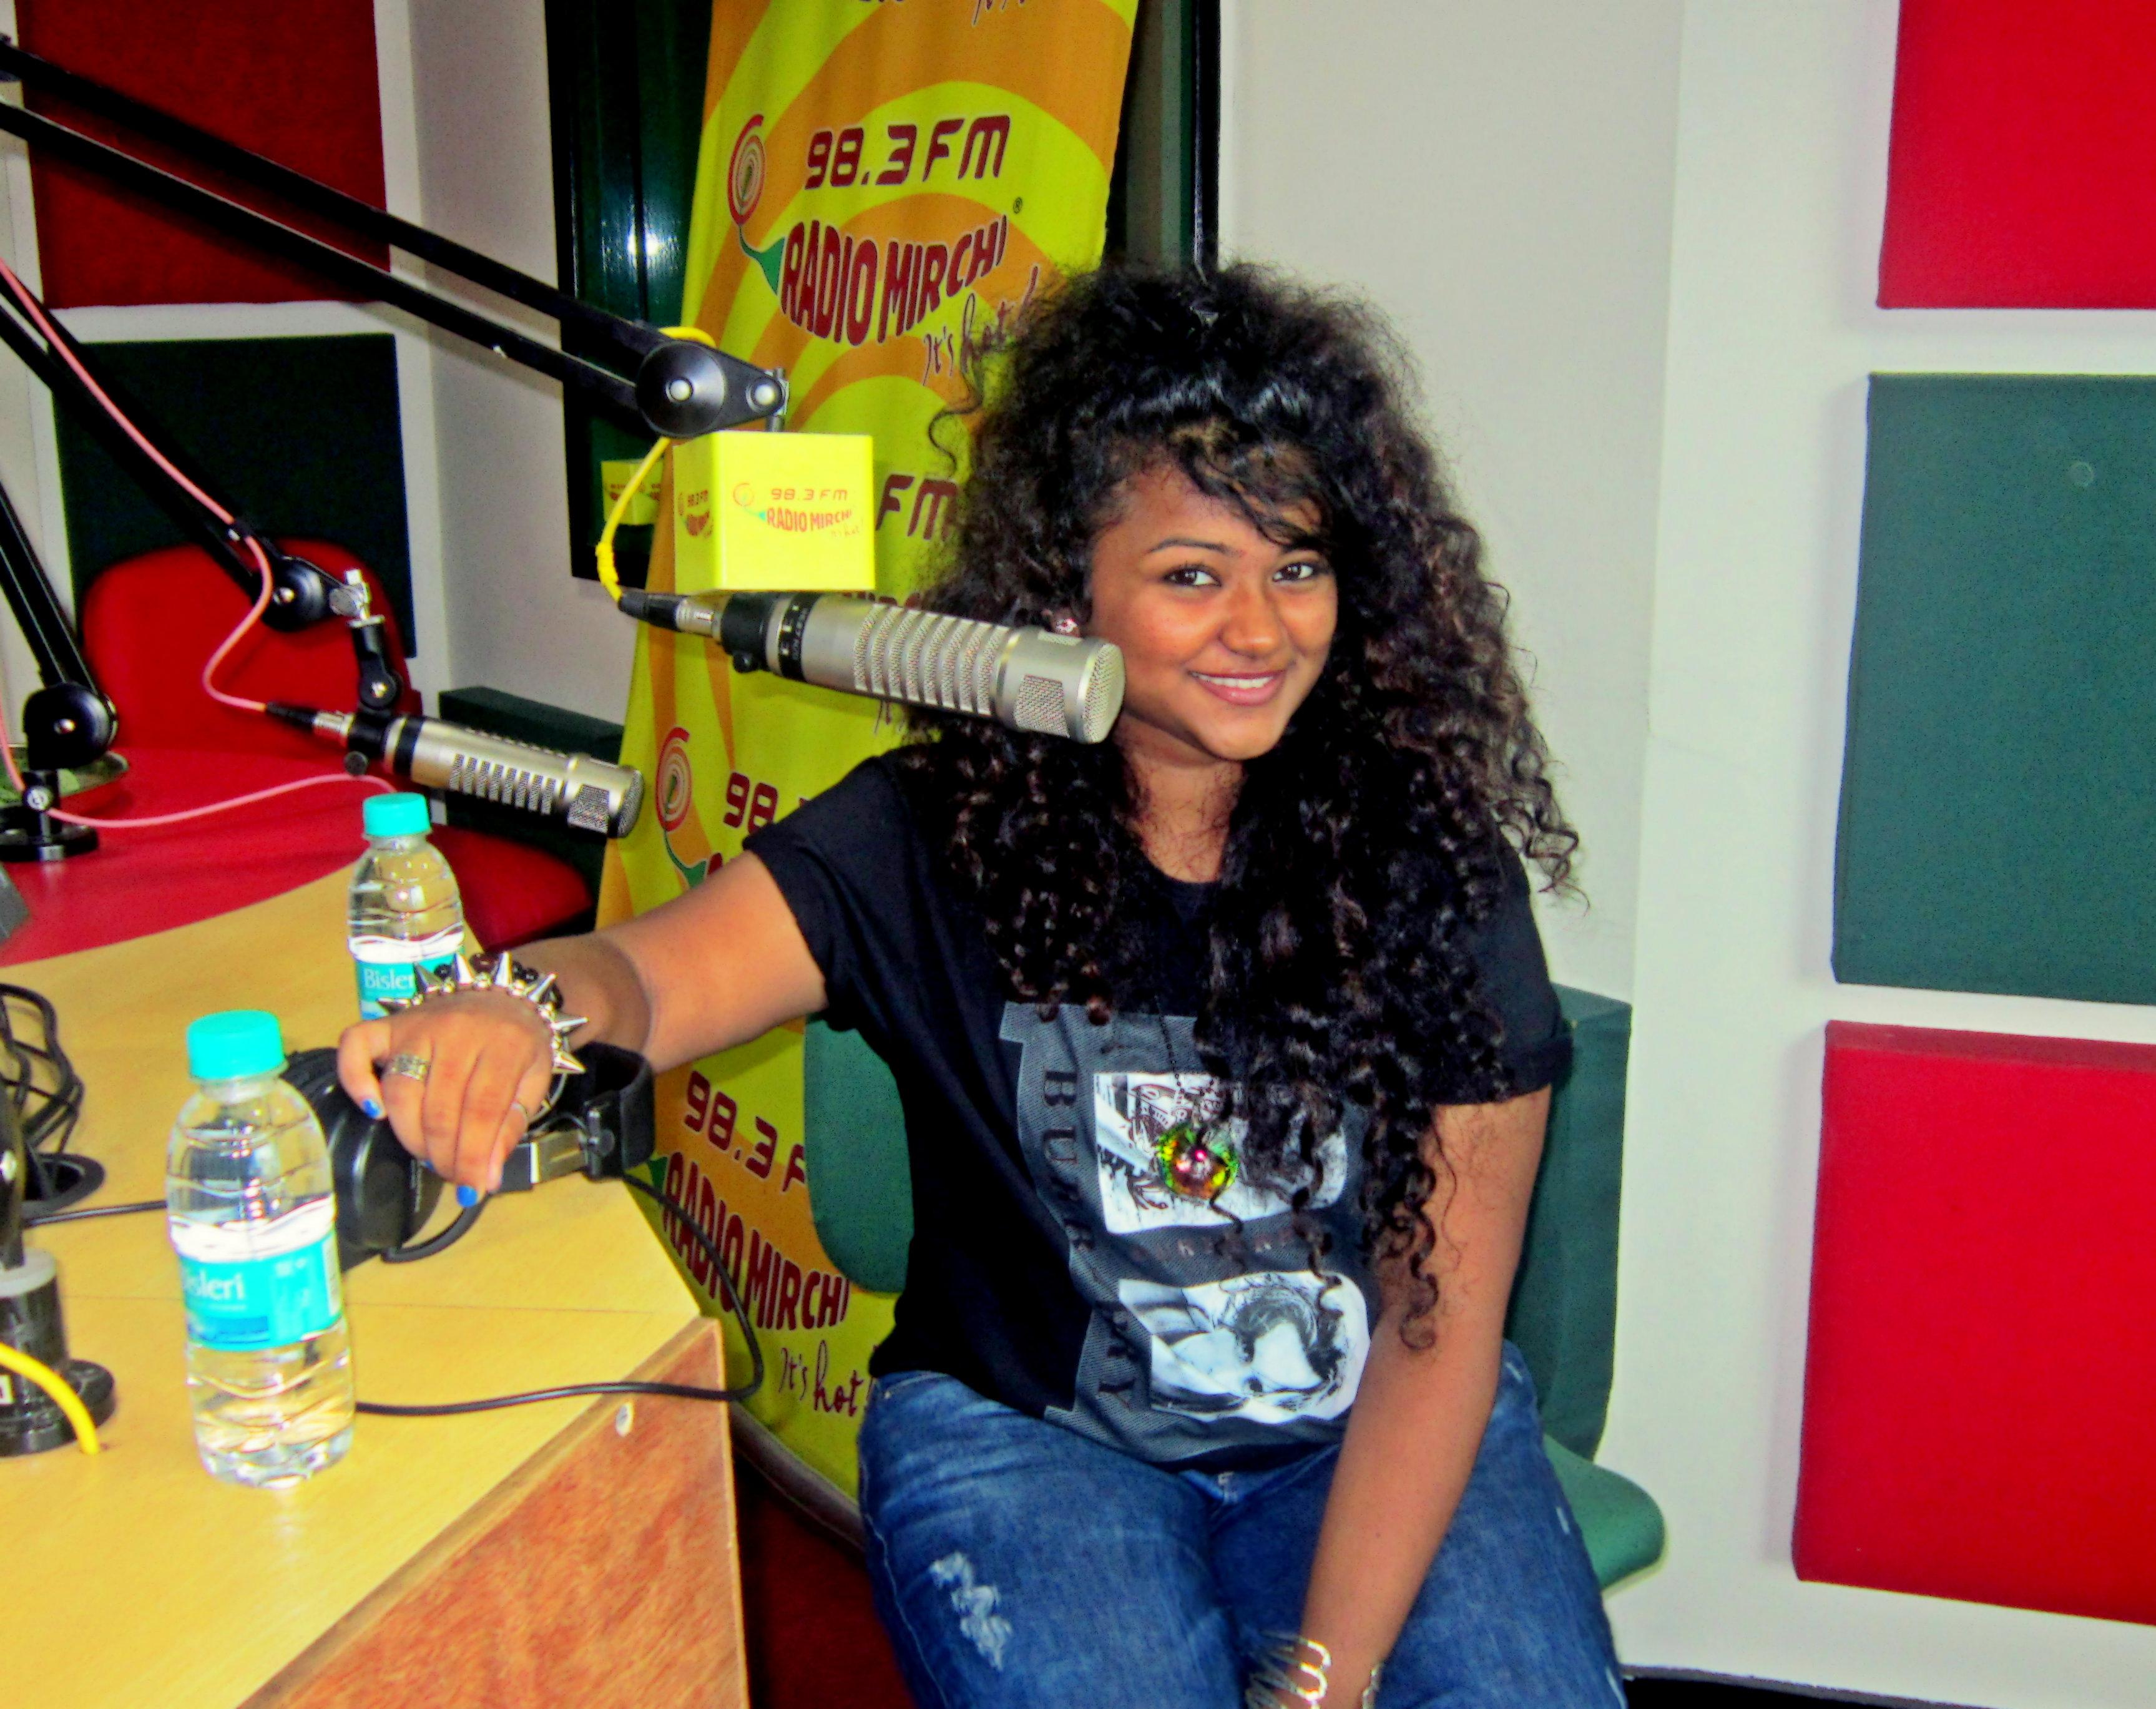 Radio Mirchi 4